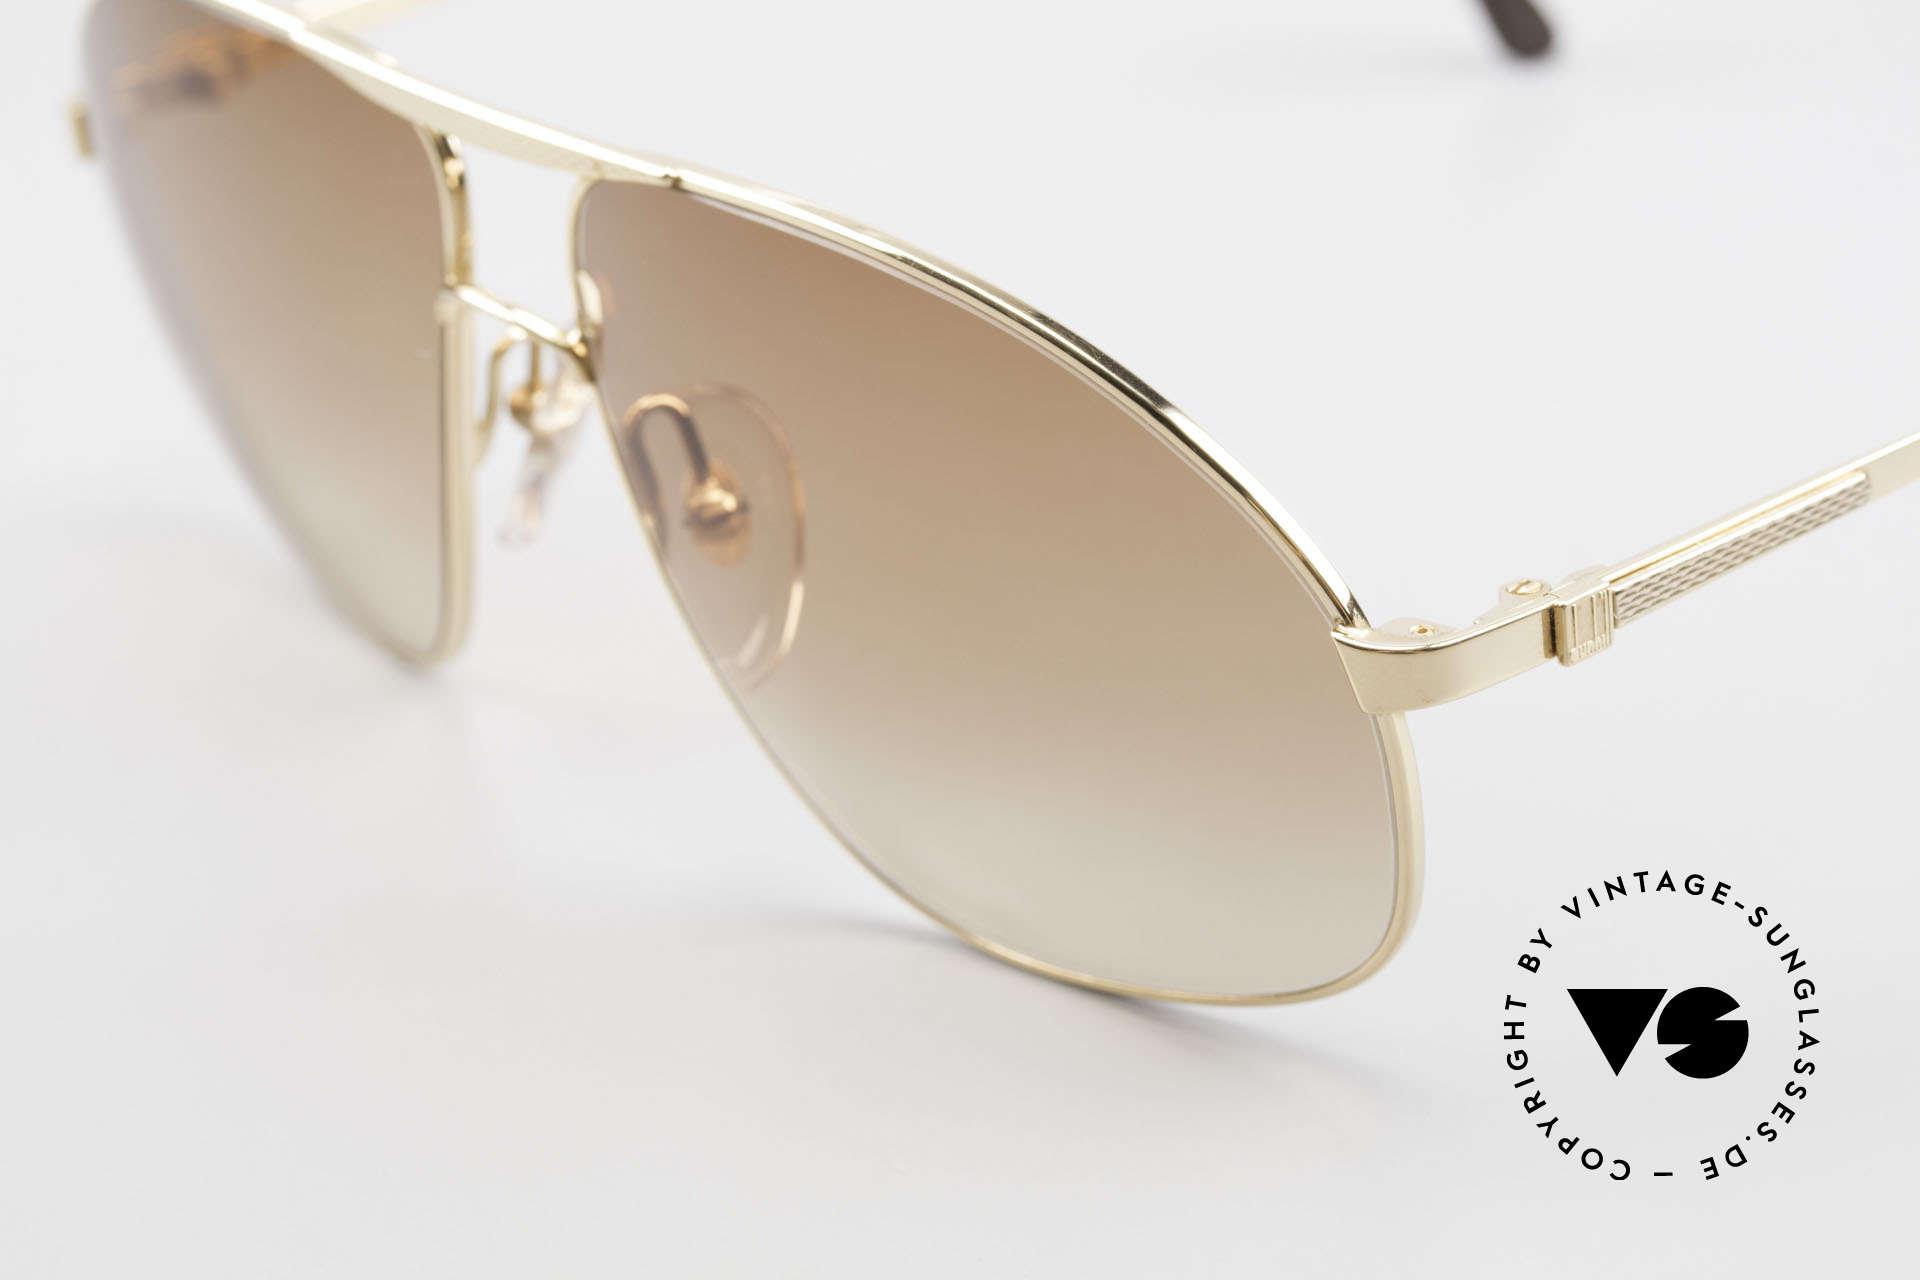 Dunhill 6125 Vergoldete Piloten Brille 90er, distinguiert kultiviert: ein wahres Gentleman Modell, Passend für Herren